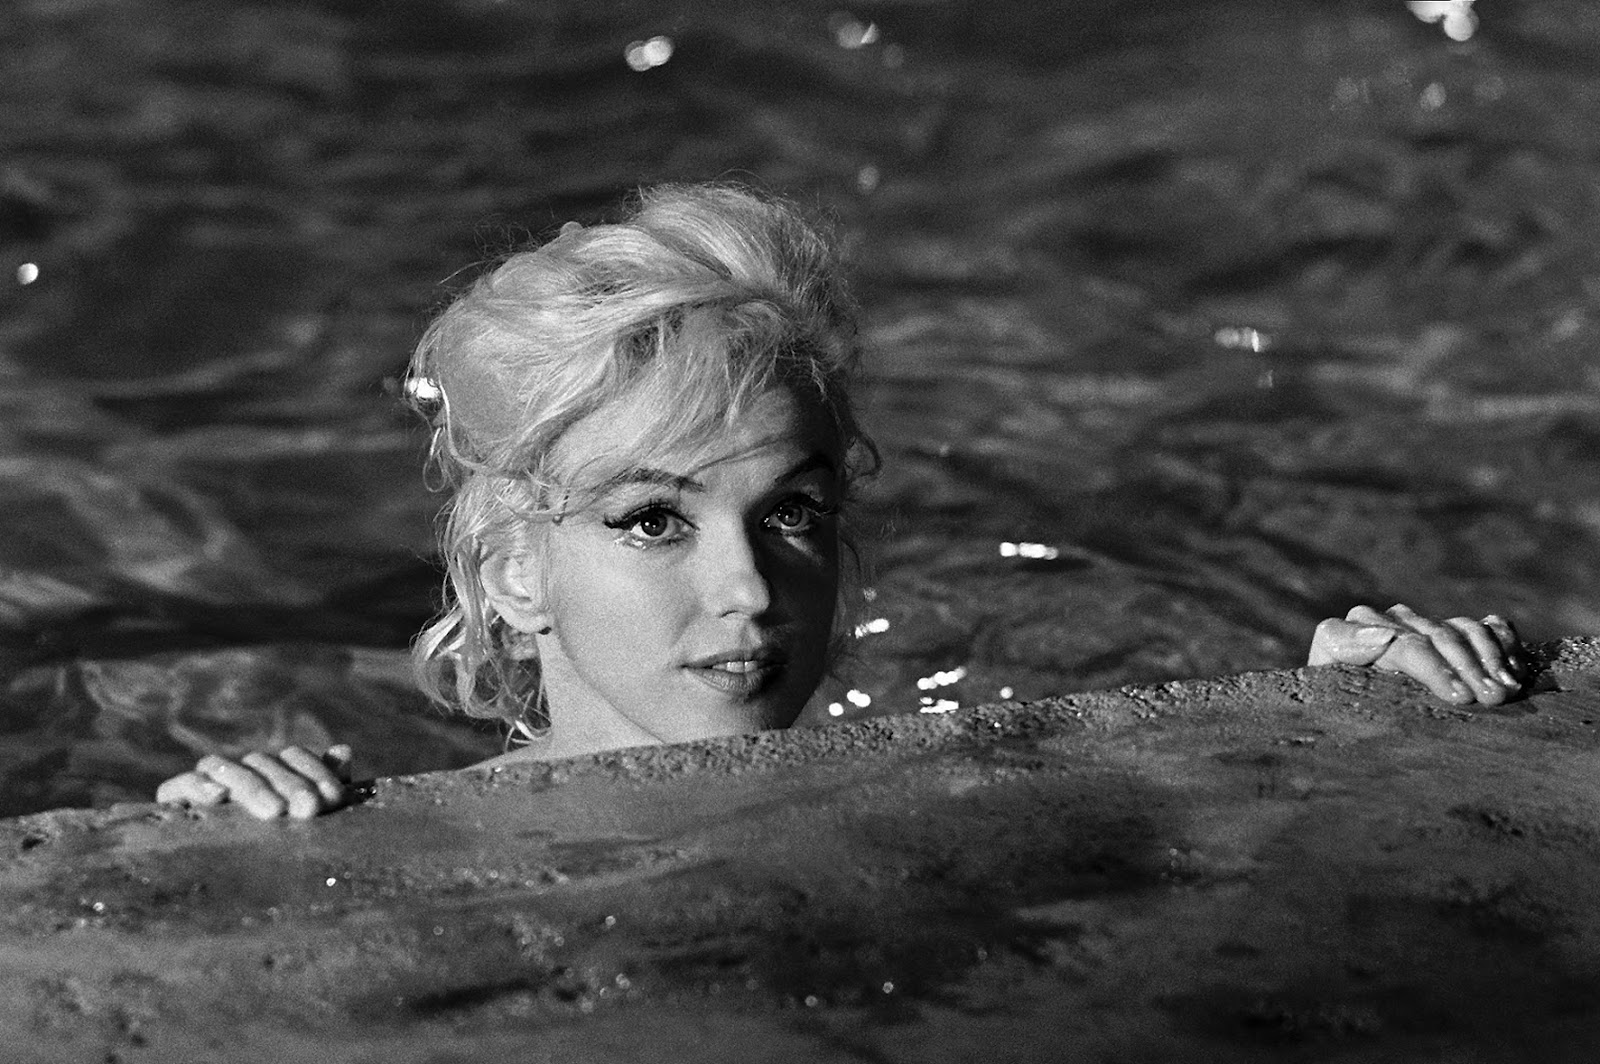 http://2.bp.blogspot.com/-ZcdYZjJDUF4/UCKyZktJMWI/AAAAAAAABGY/NO2LR_XSkPU/s1600/Marilyn+last+movie.jpg